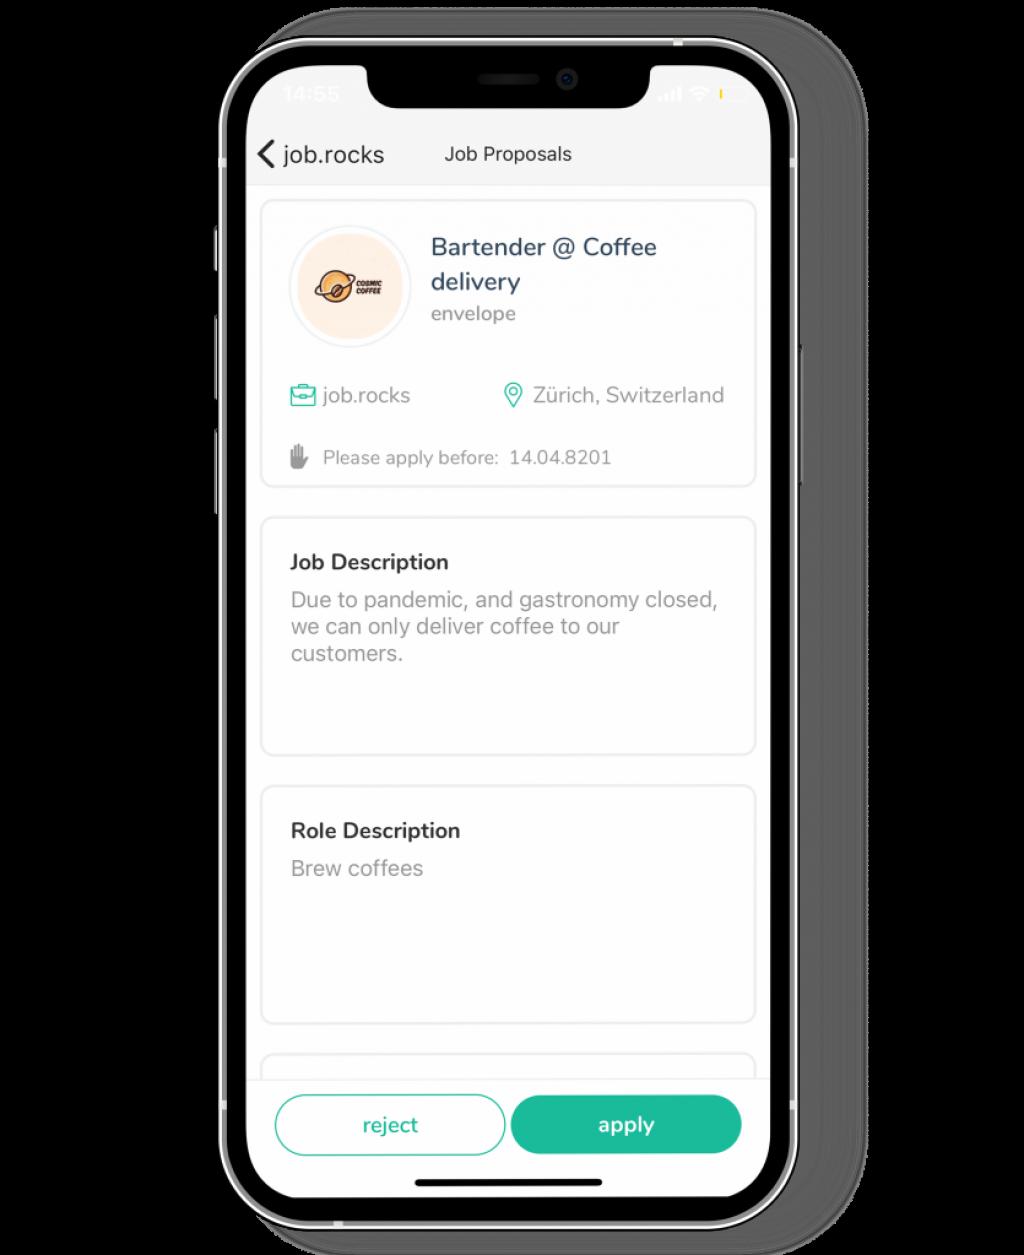 jobangebot auf mobile app mit job.rocks